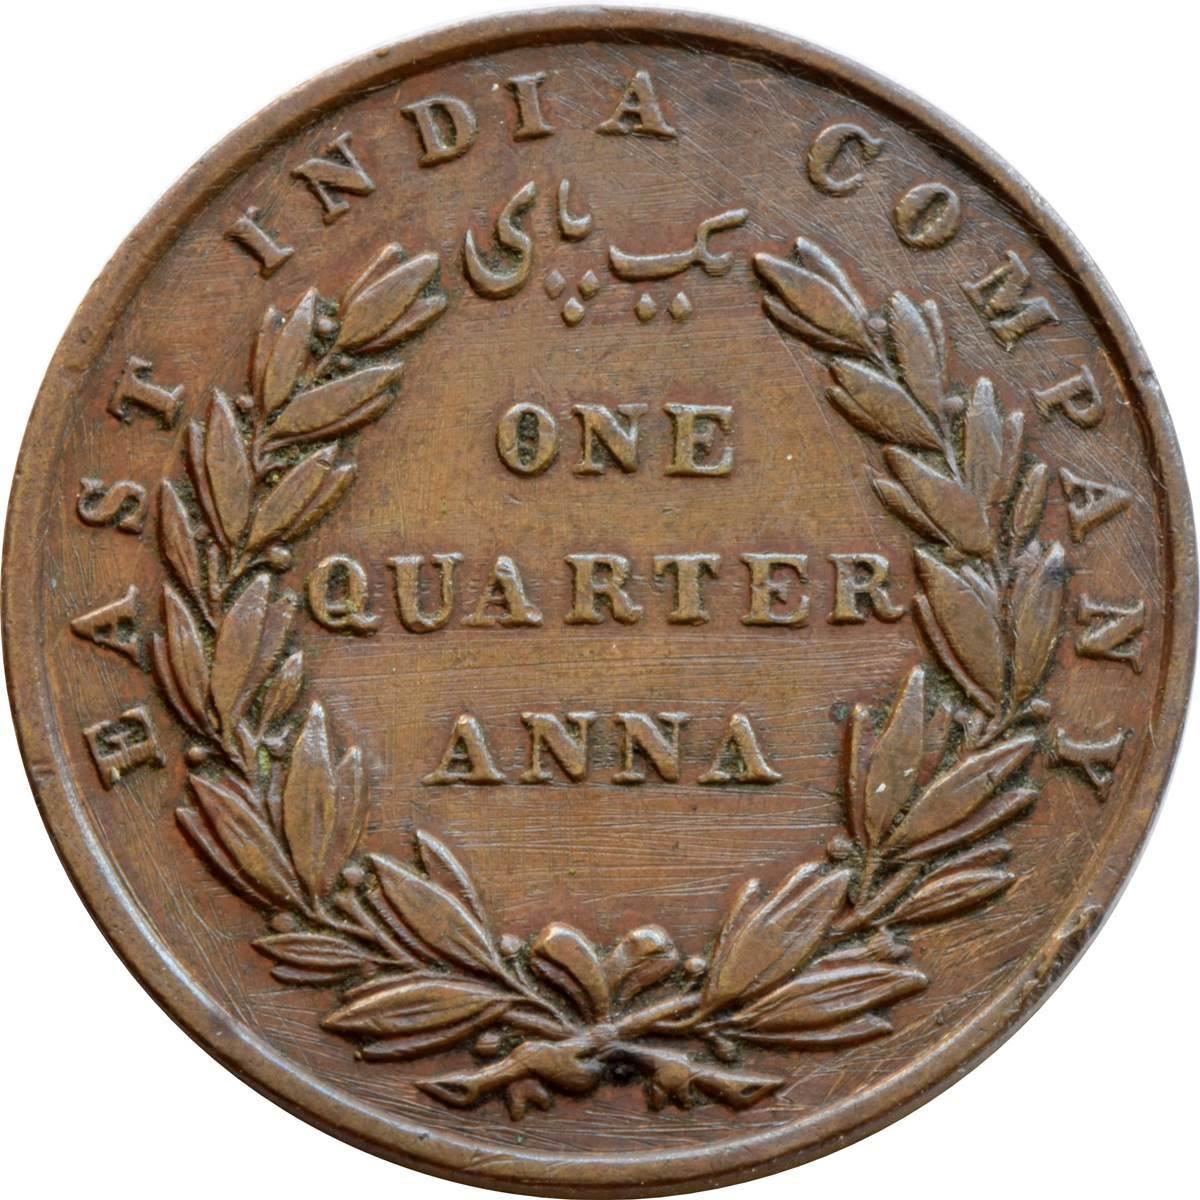 Anna Comani